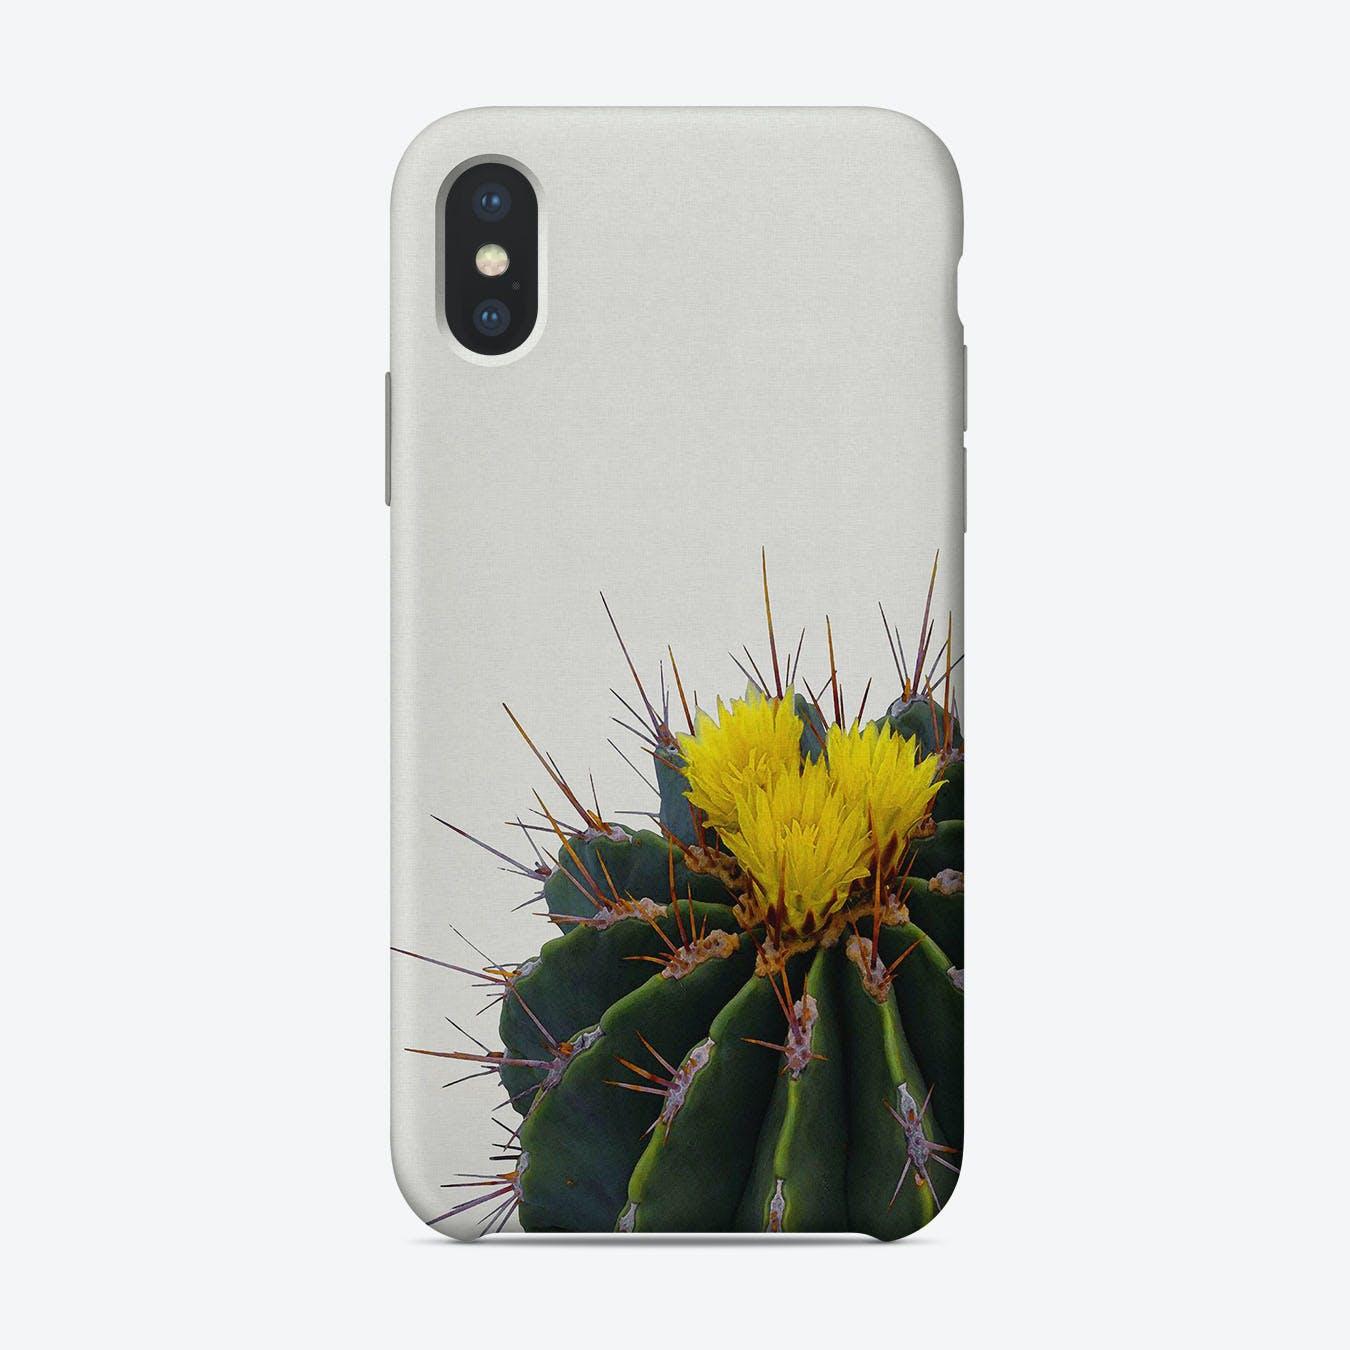 Cactus Flower iPhone Case